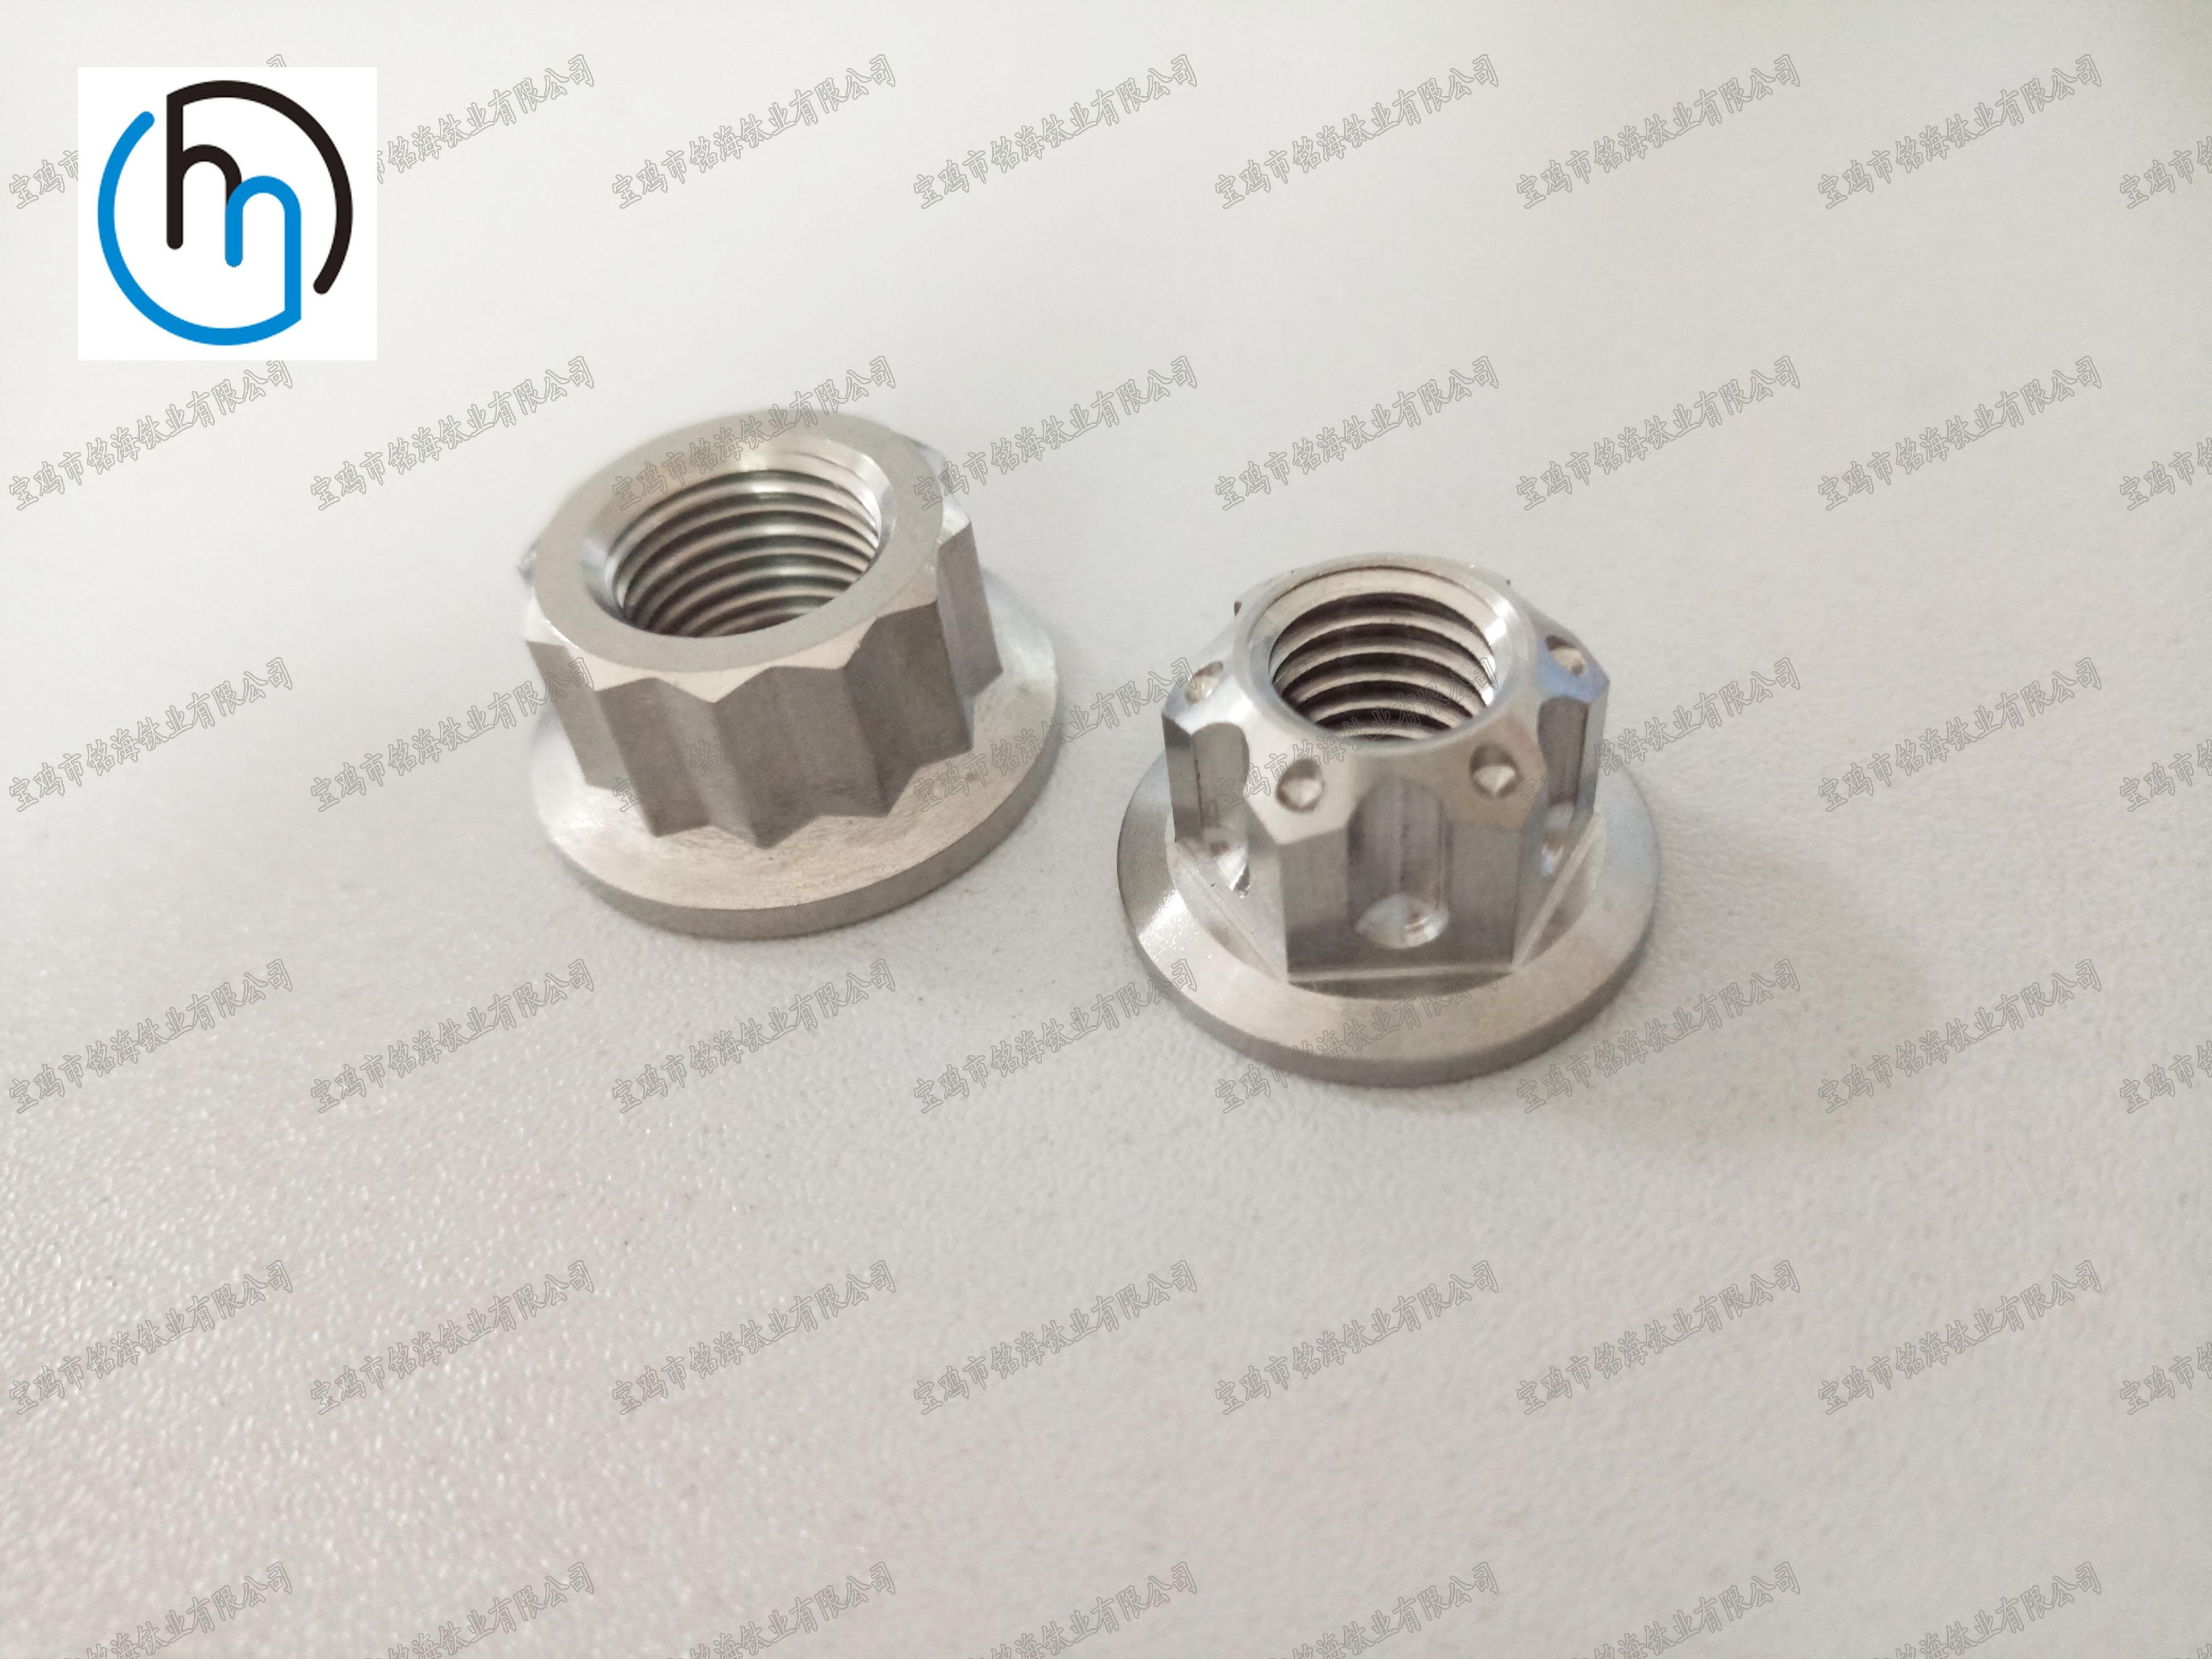 厂家直销12方钛螺母钛合金螺母高精度汽摩改装螺母钛标准件厂家